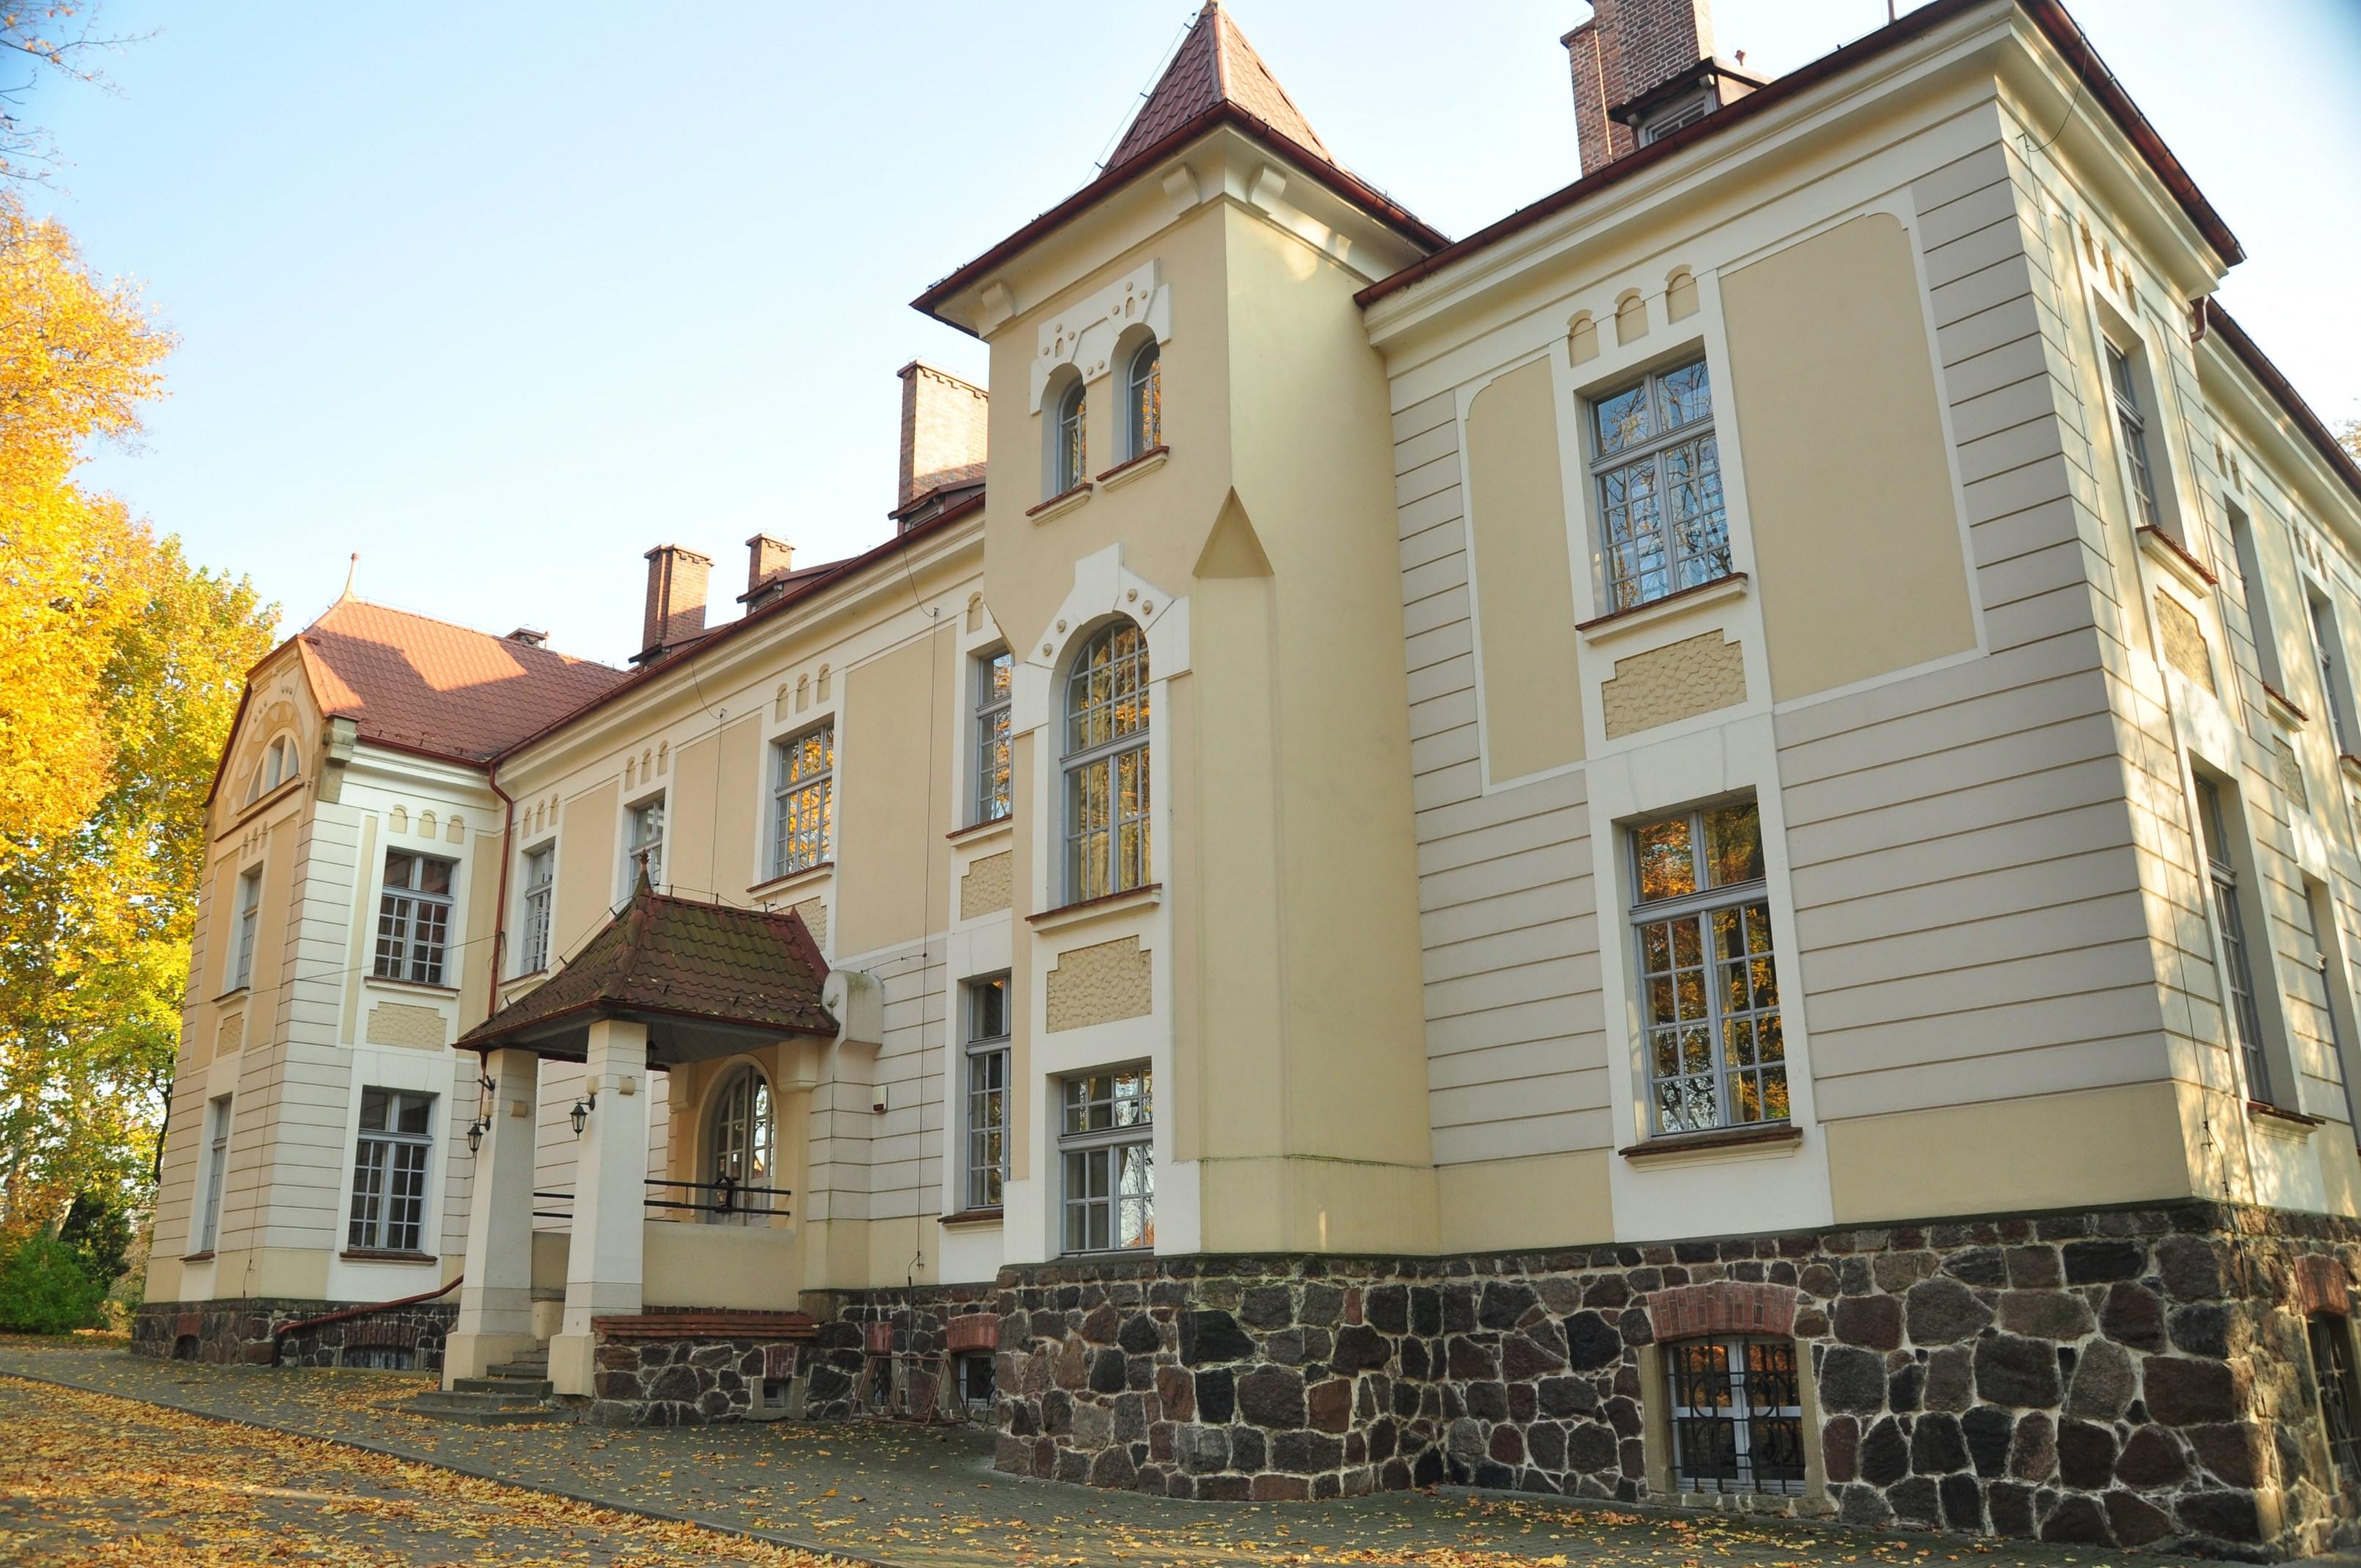 Trwa walka o pałac w Weryni. Sąd w Warszawie odrzucił skargę potomka Tyszkiewiczów - Zdjęcie główne